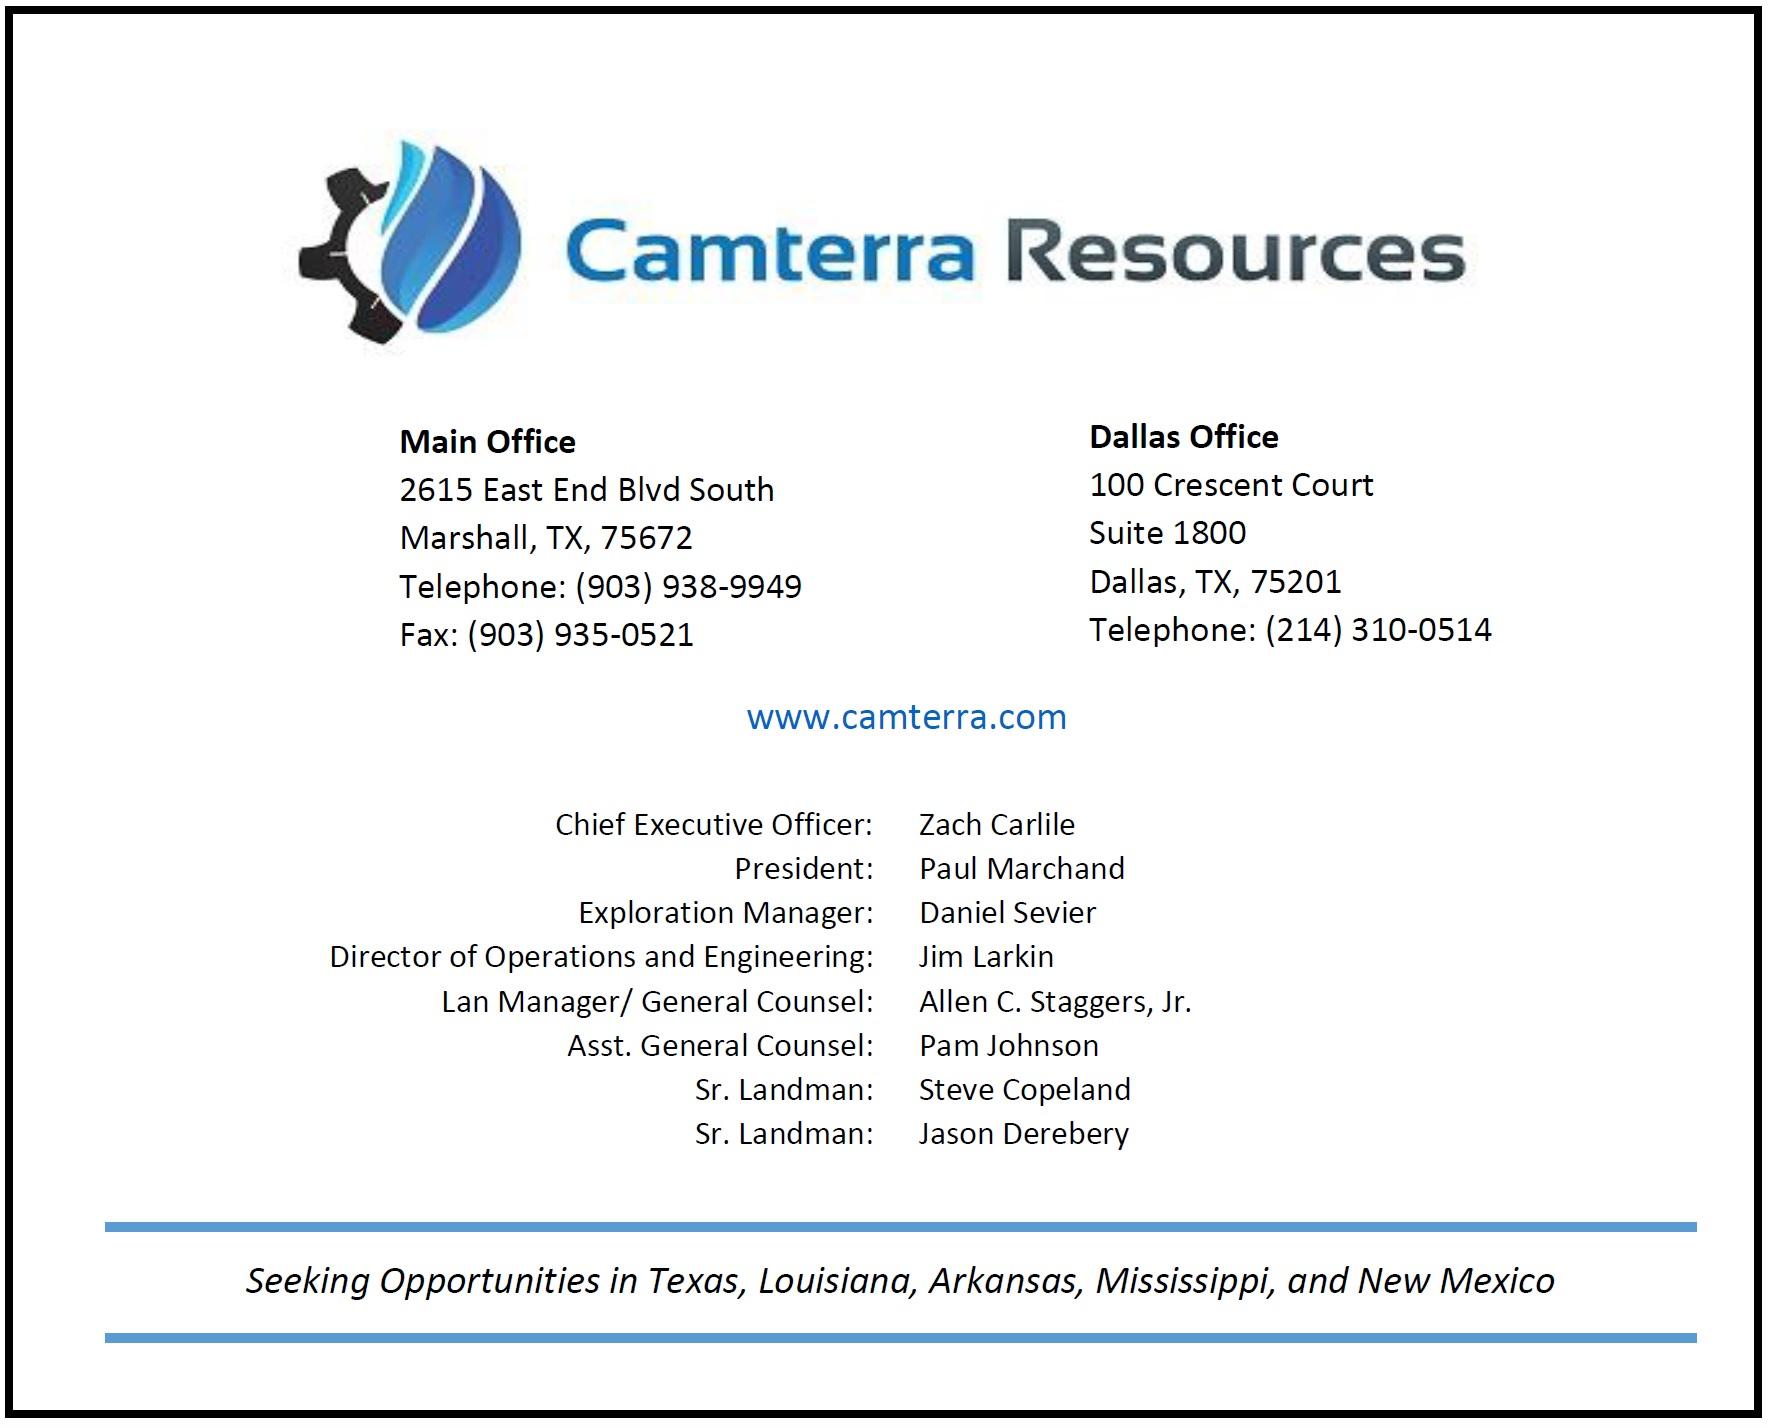 Camterra Resources.jpg